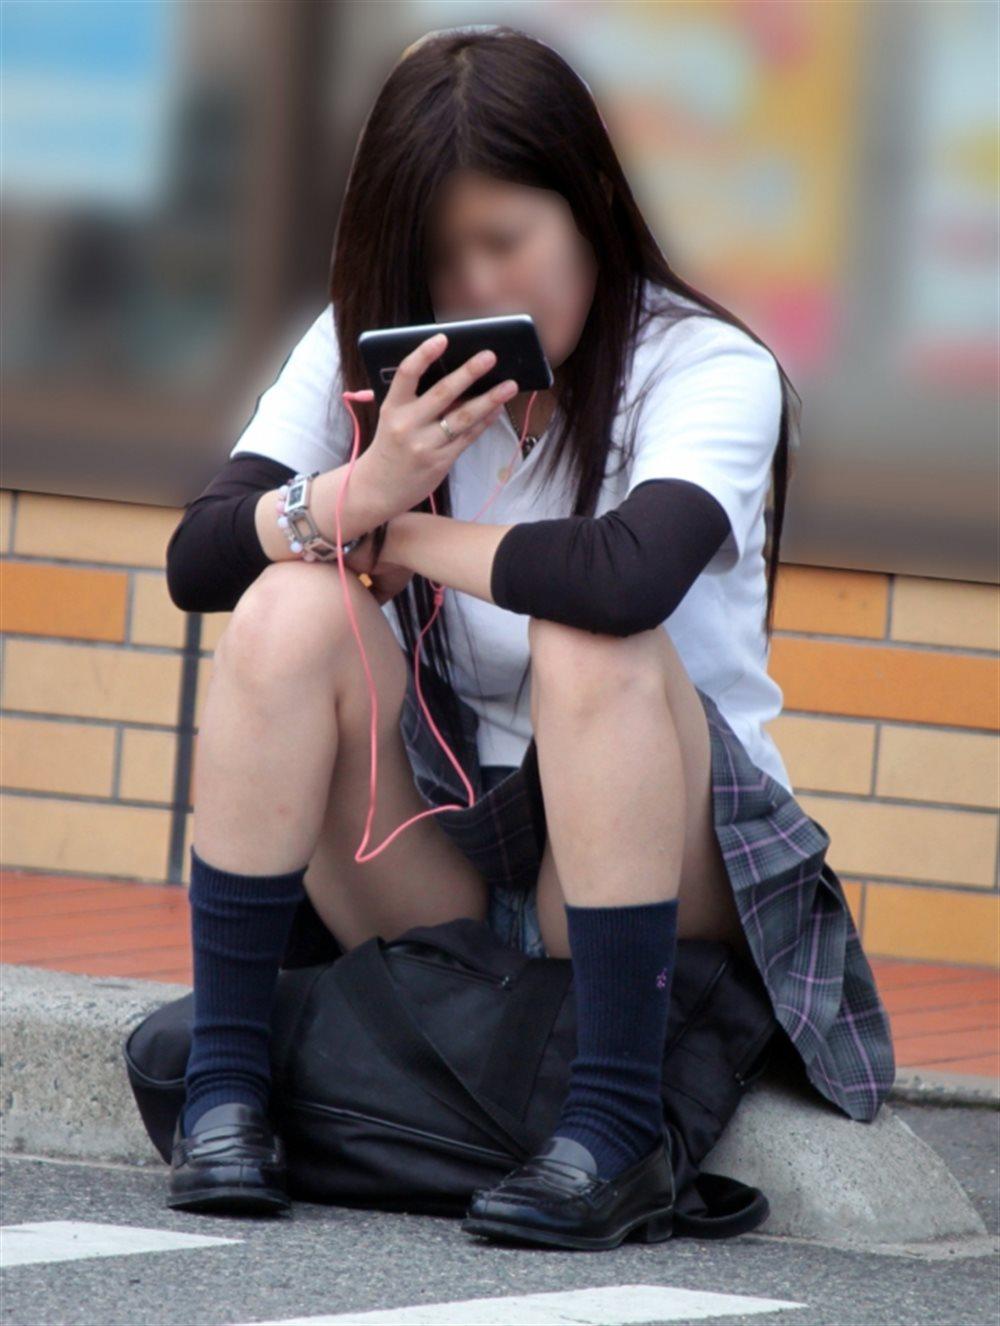 制服のスカートからパンツが見えてる (10)